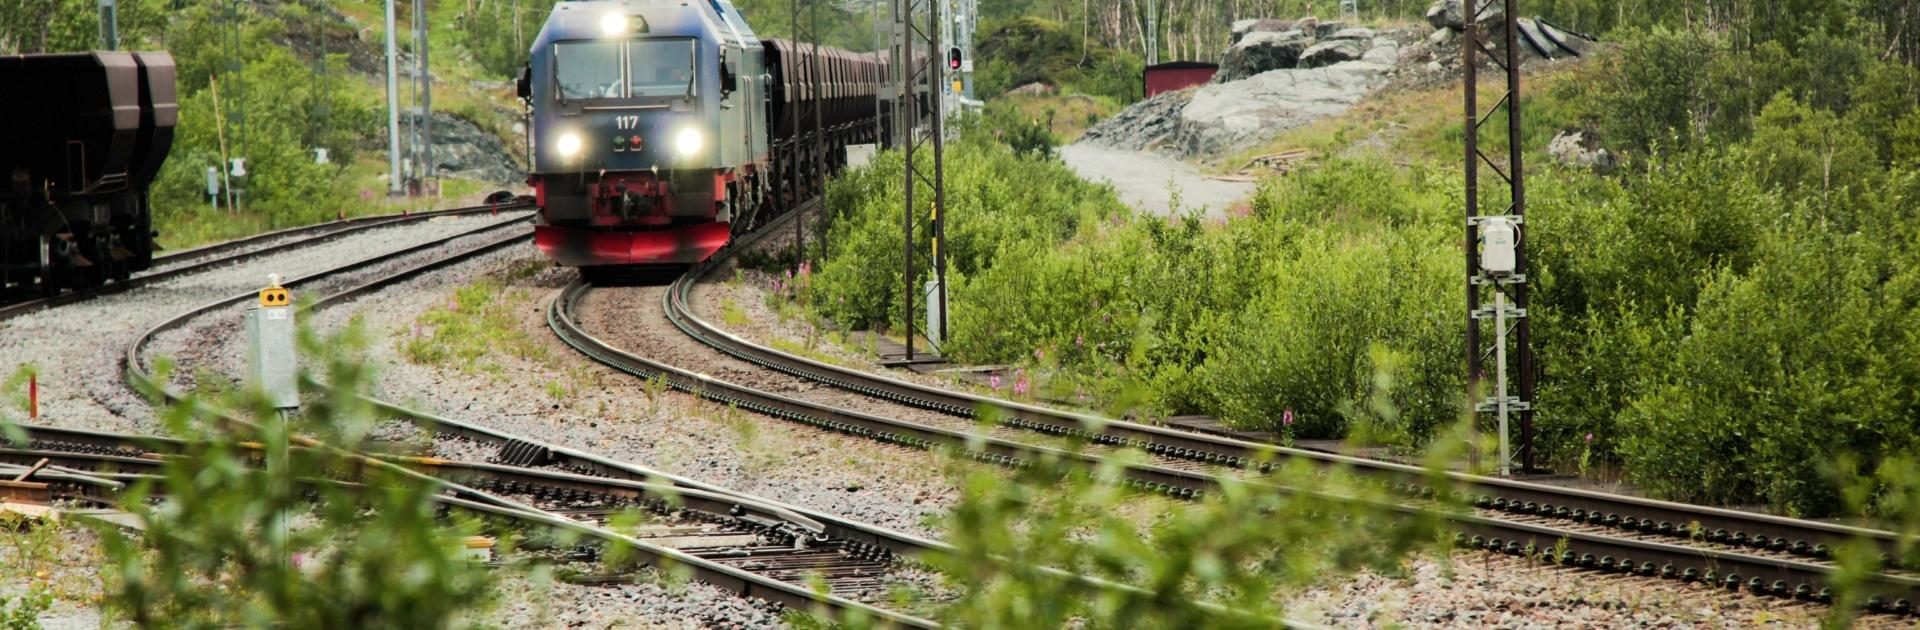 Smörjmedel järnvägssektorn